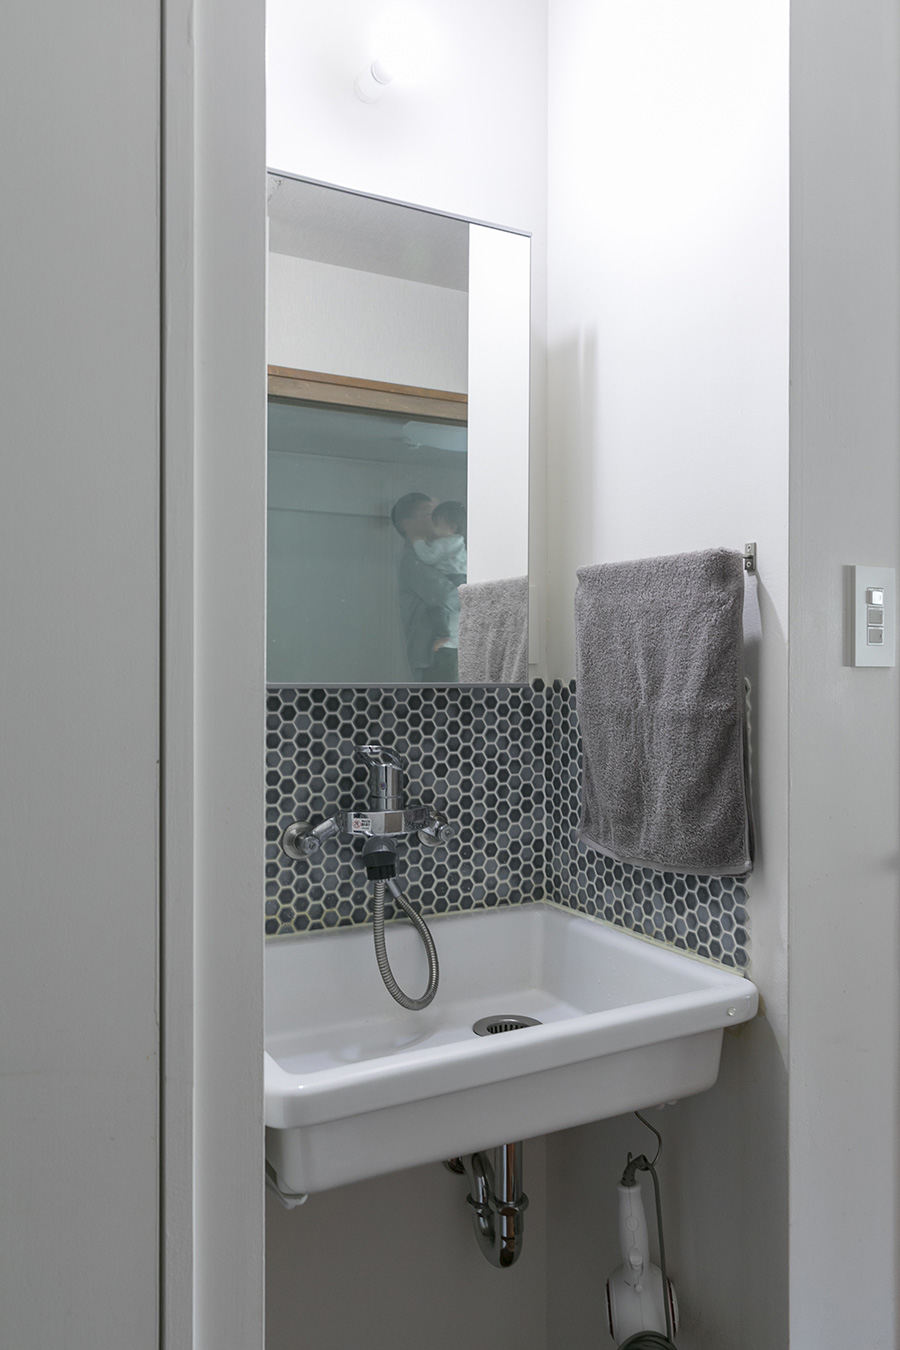 廊下に面して作った洗面スペース。「生徒さんが使いやすいように、サニタリースペースに入らなくても手を洗えるようにしました」